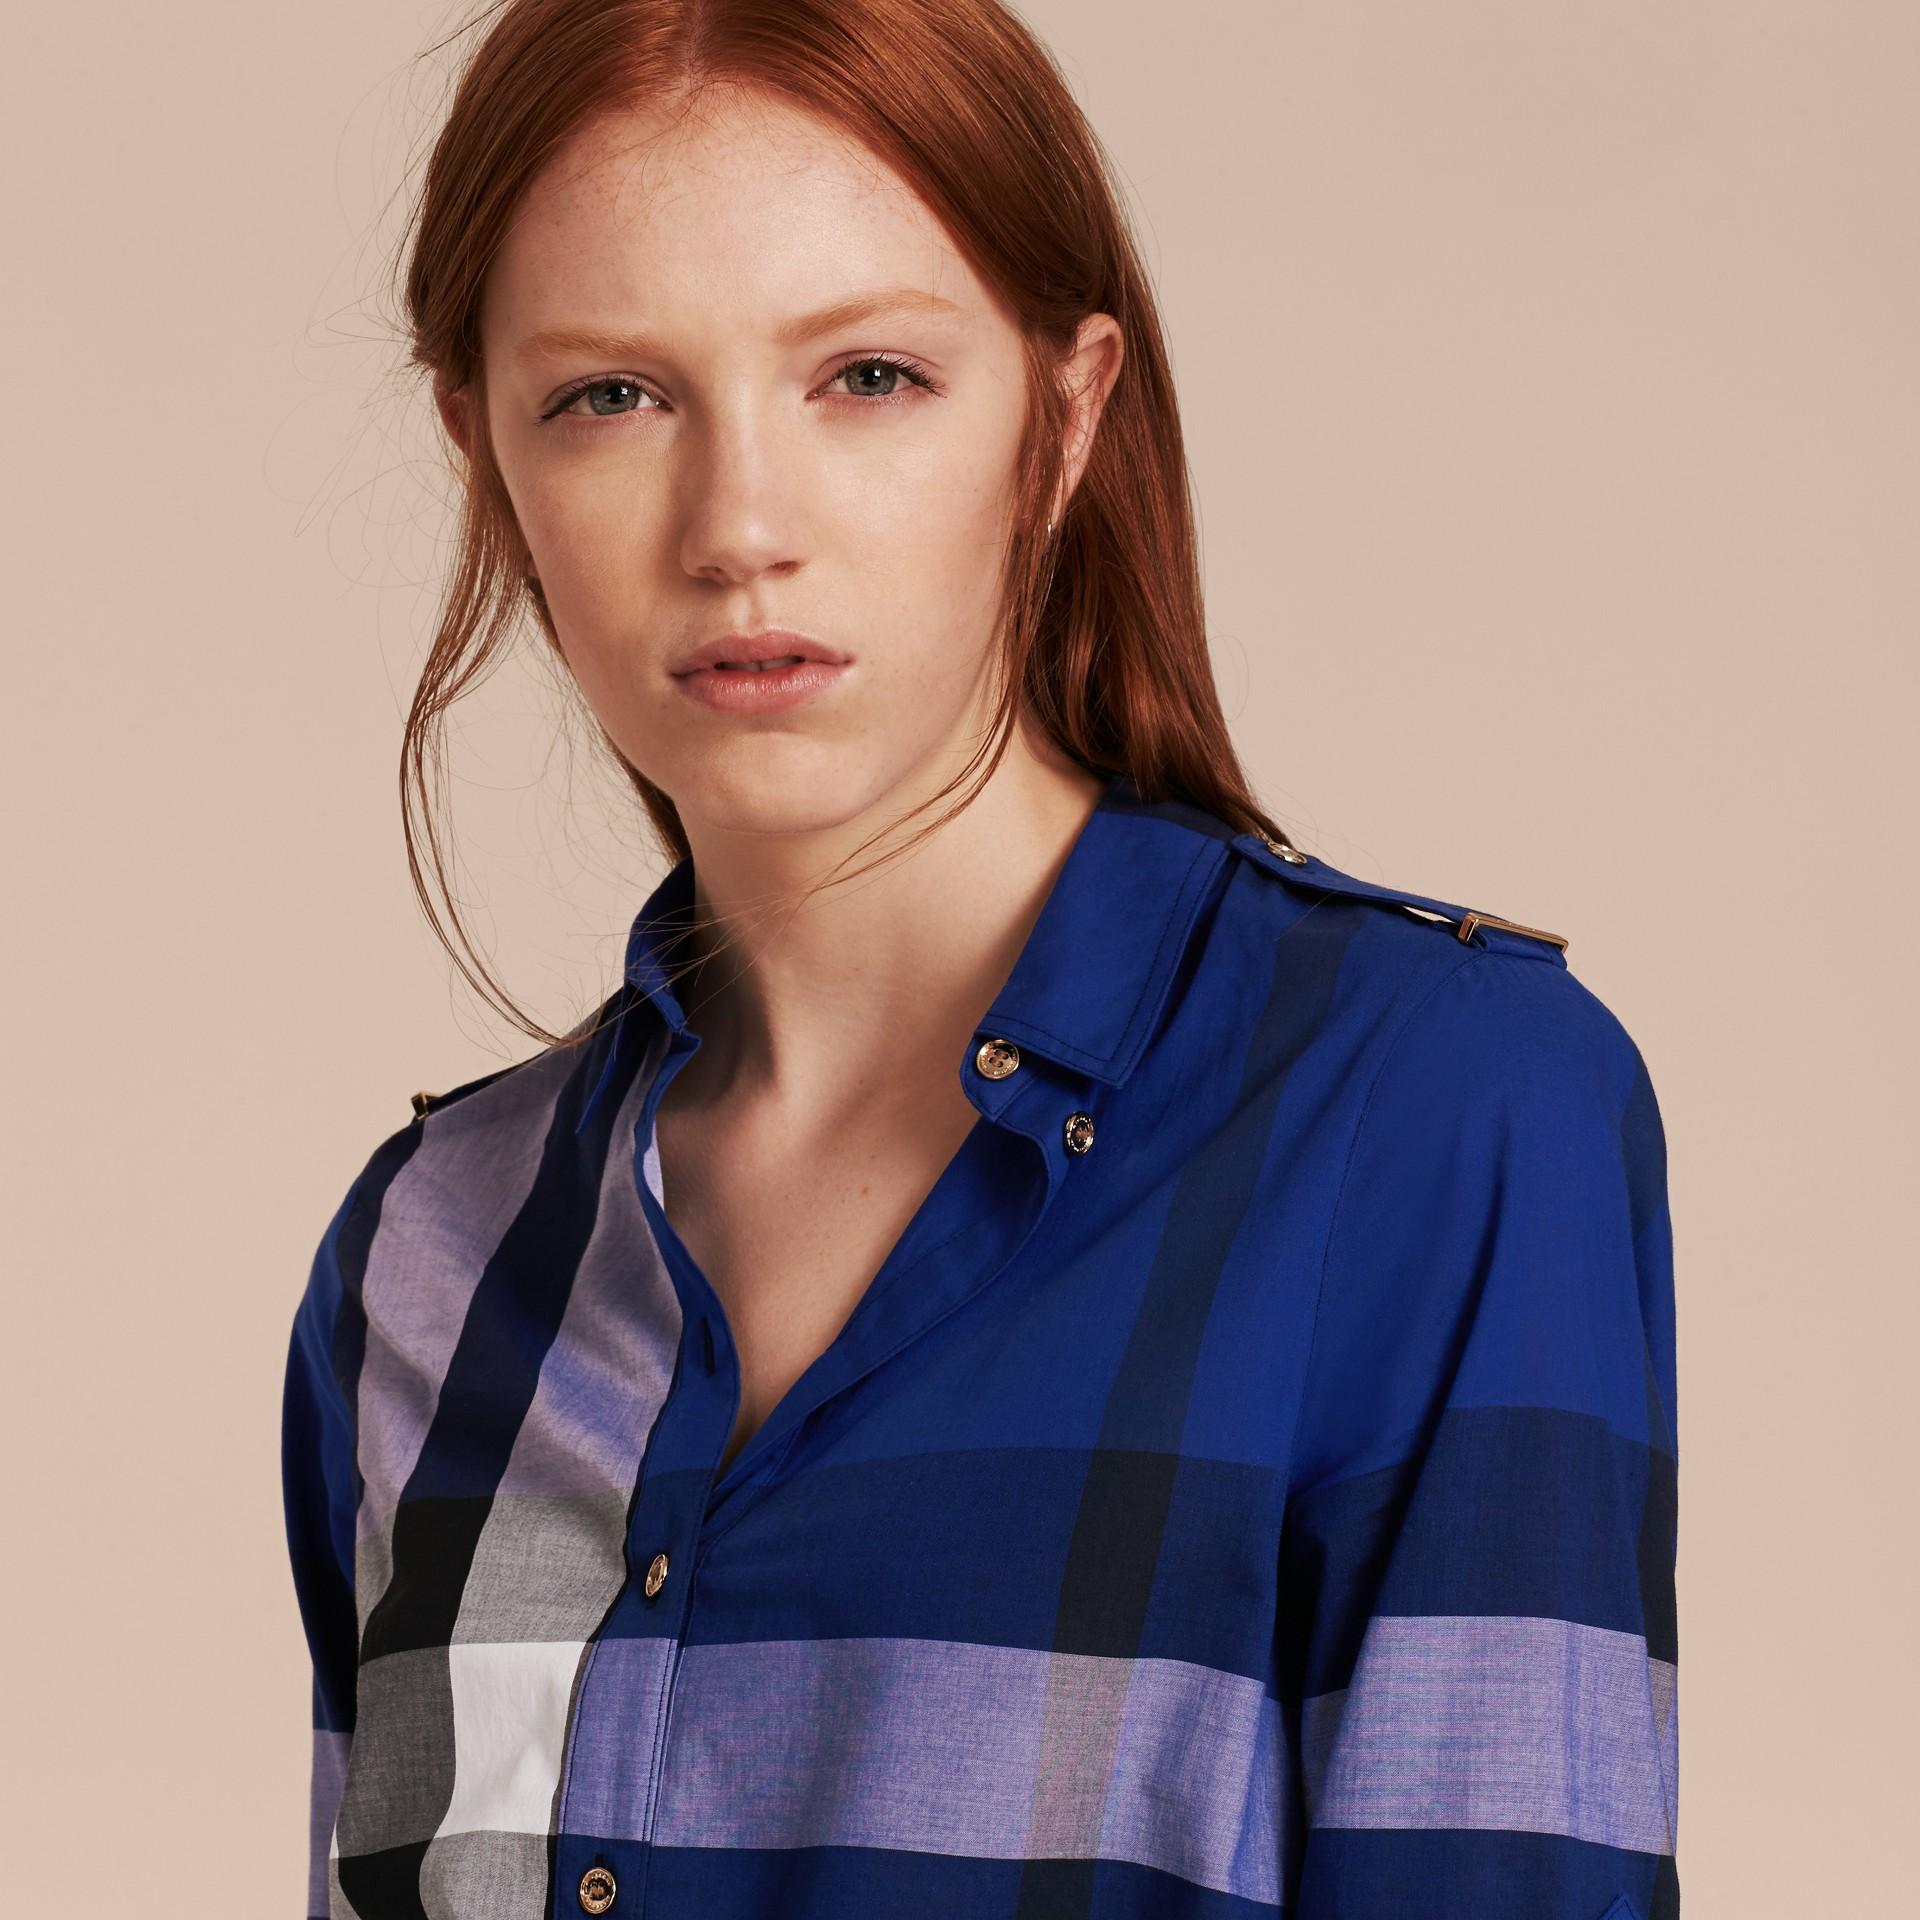 Glänzendes blau Hemdkleid aus Baumwolle im Karodesign Glänzendes Blau - Galerie-Bild 5